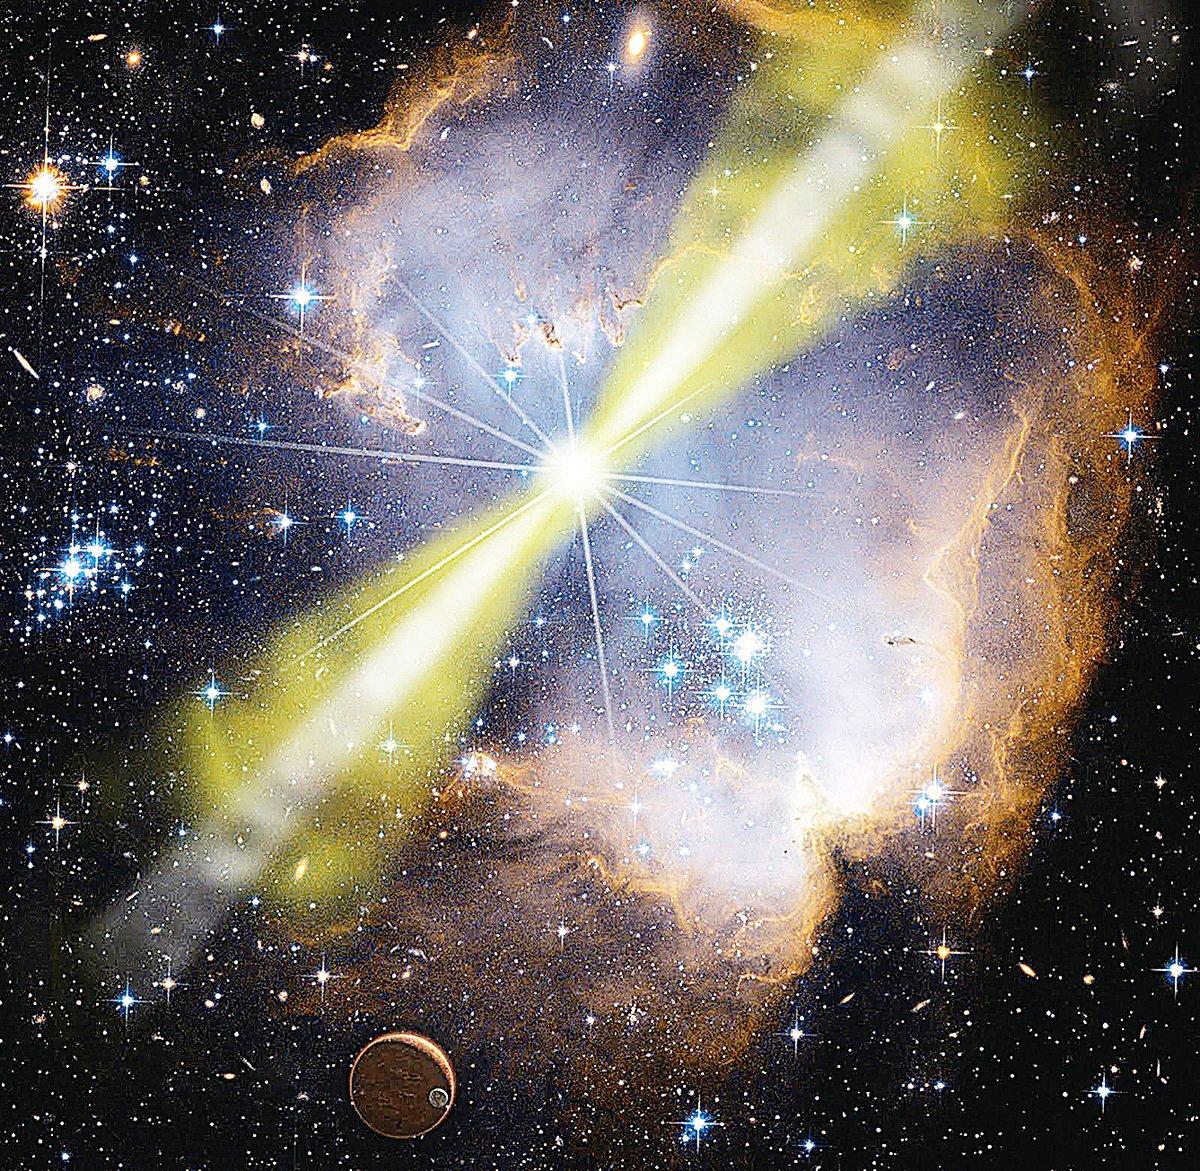 太空中經常有恆星爆炸,釋放極強的伽瑪射線、X射線、無線電等粒子束。(NASA)